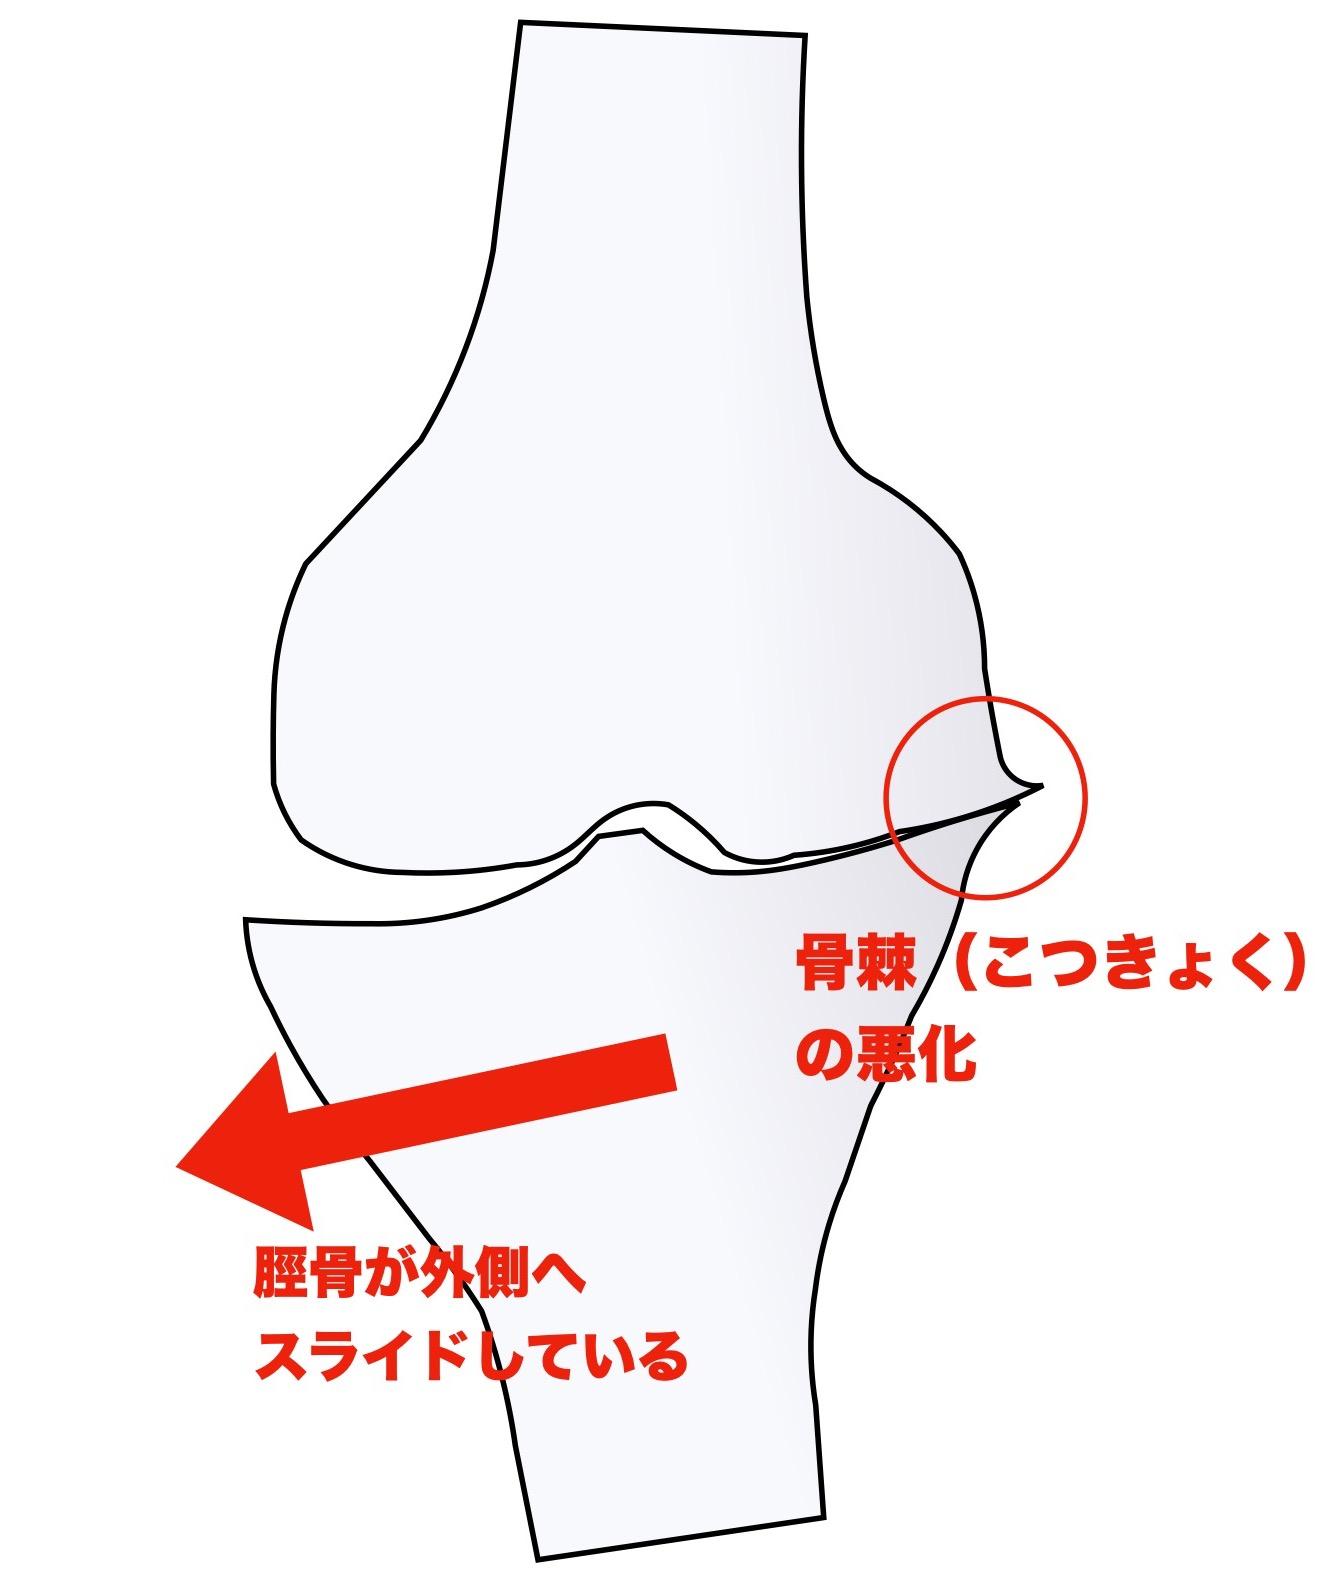 変形性膝関節症のステージ3